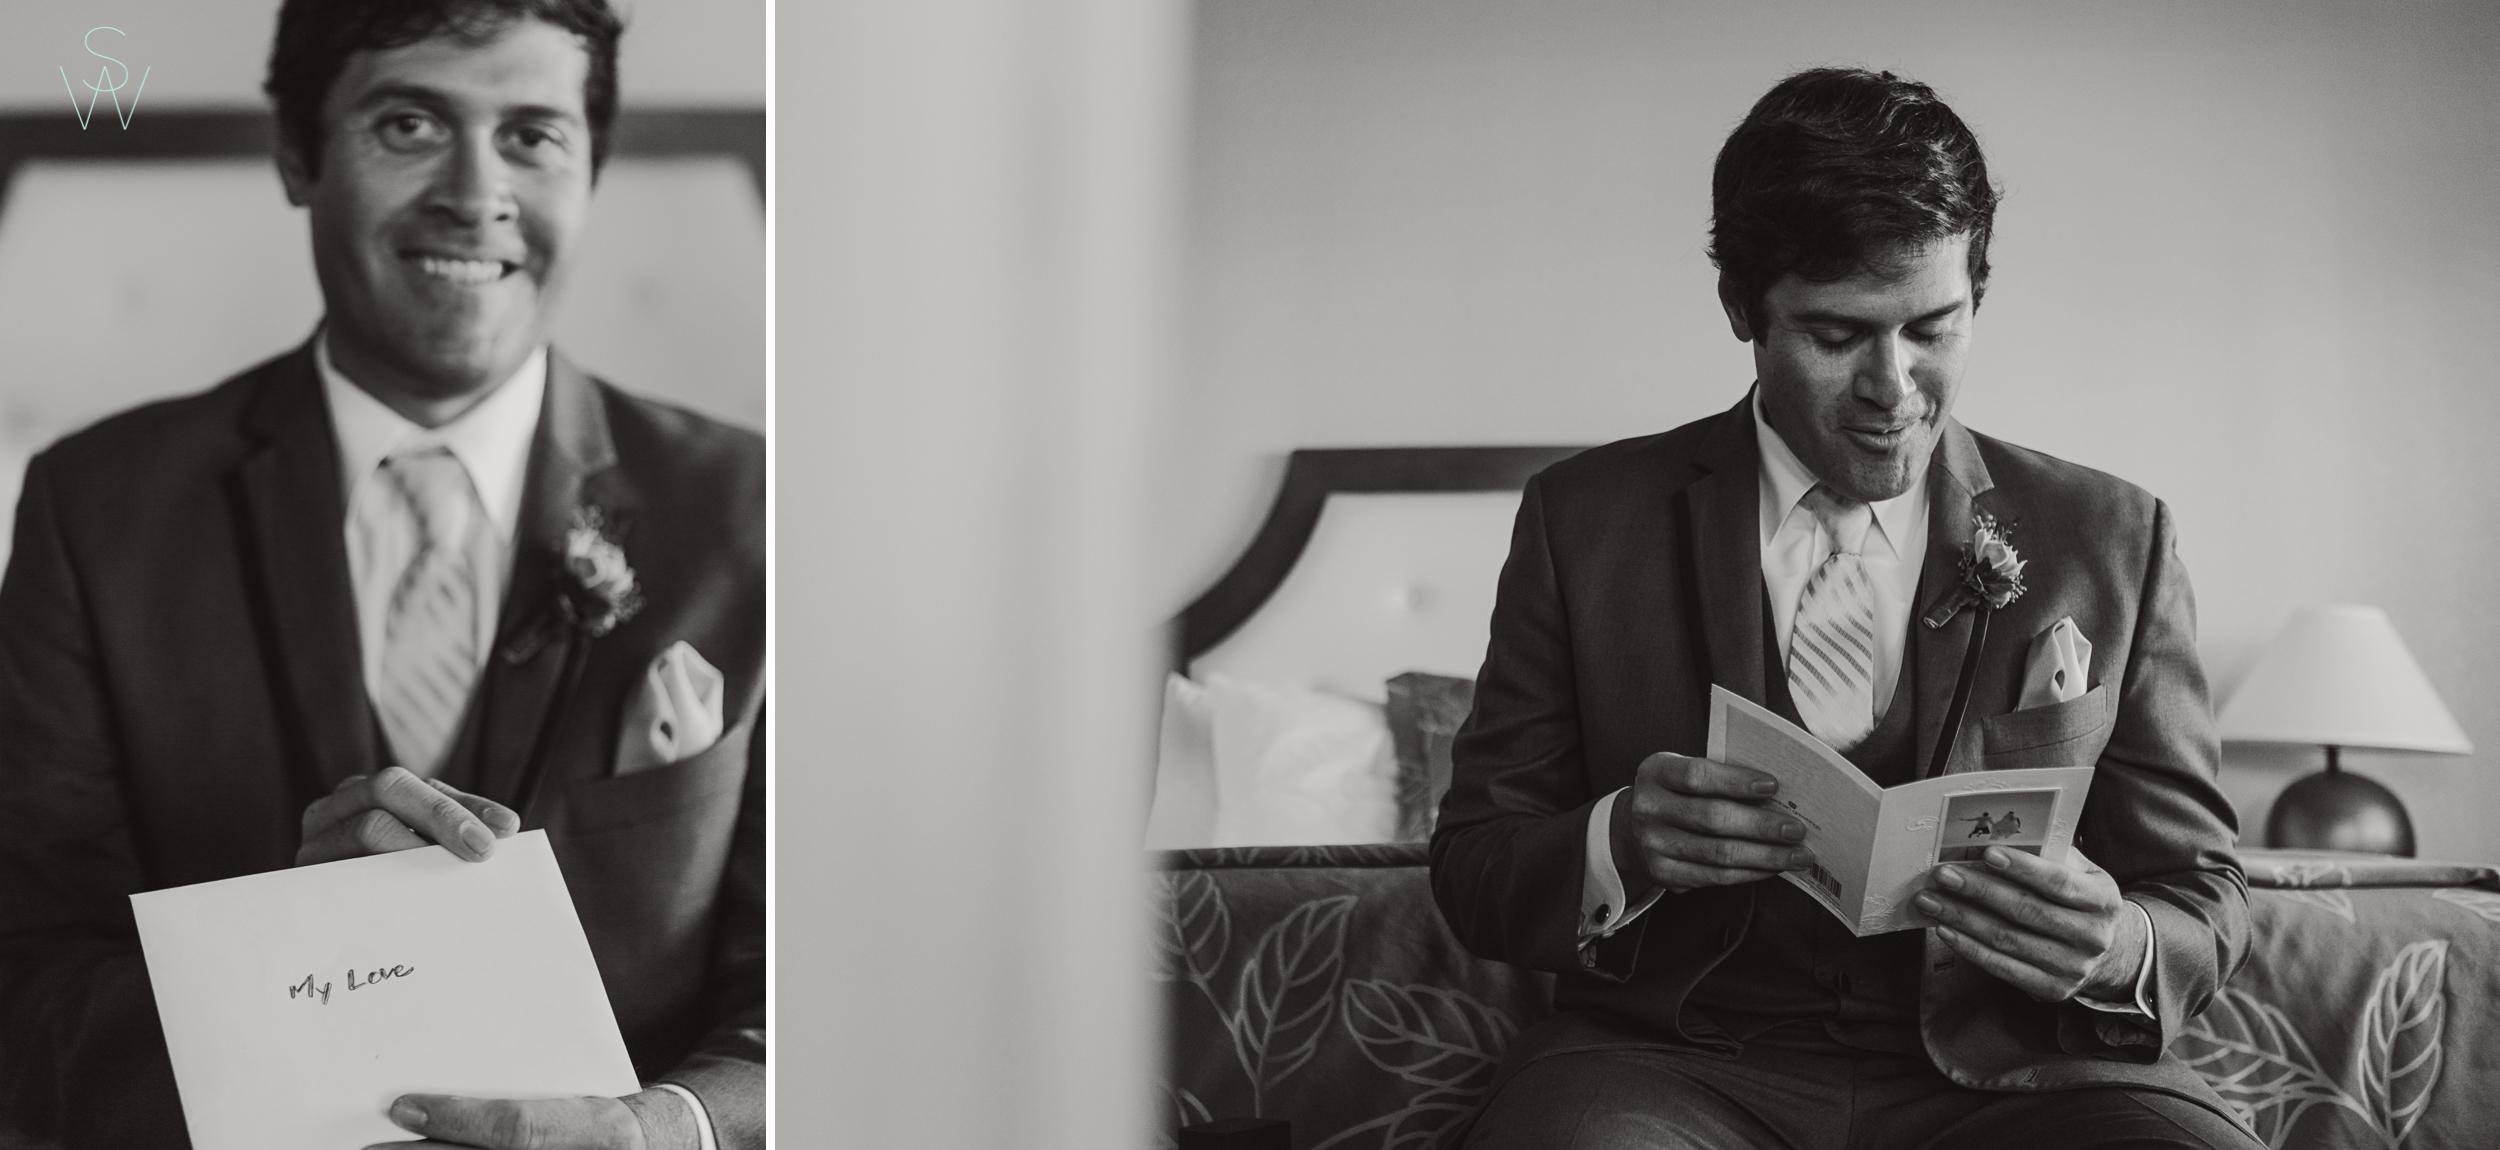 118San.diego.wedding.shewanders.photography.JPG